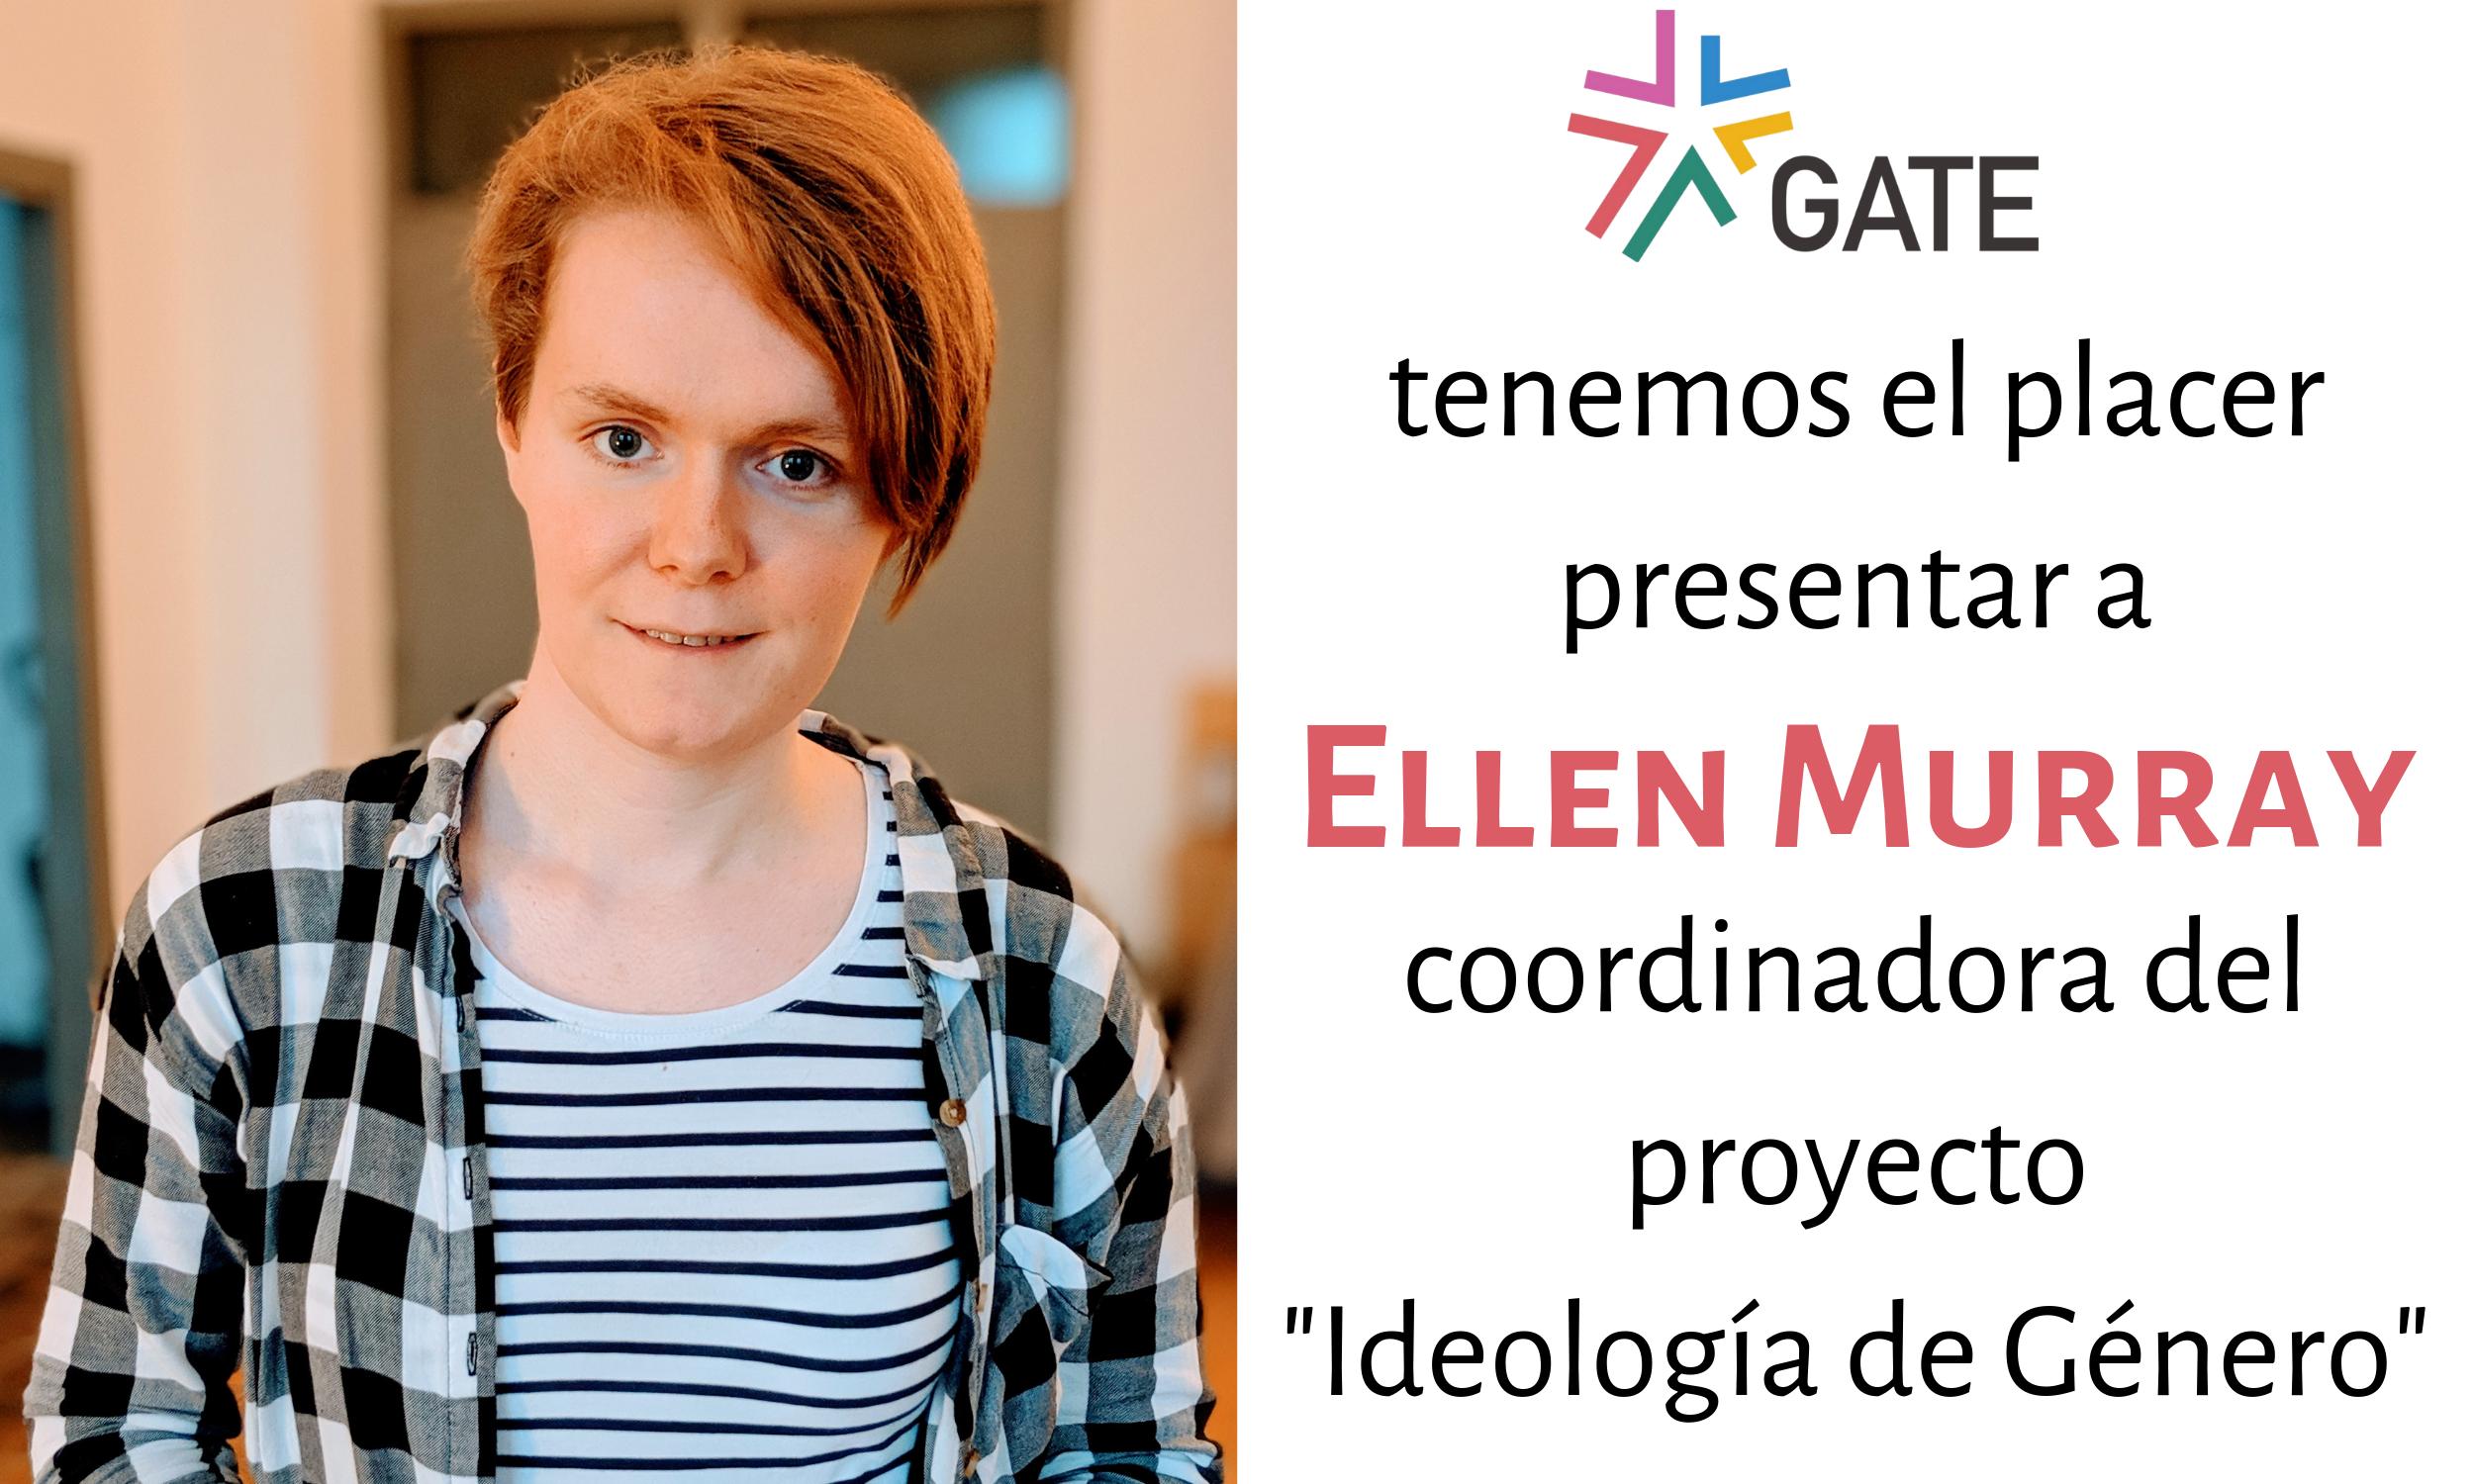 """Anuncio: GATE contrata a una coordinadora para nuestro proyecto """"Ideología de Género"""""""